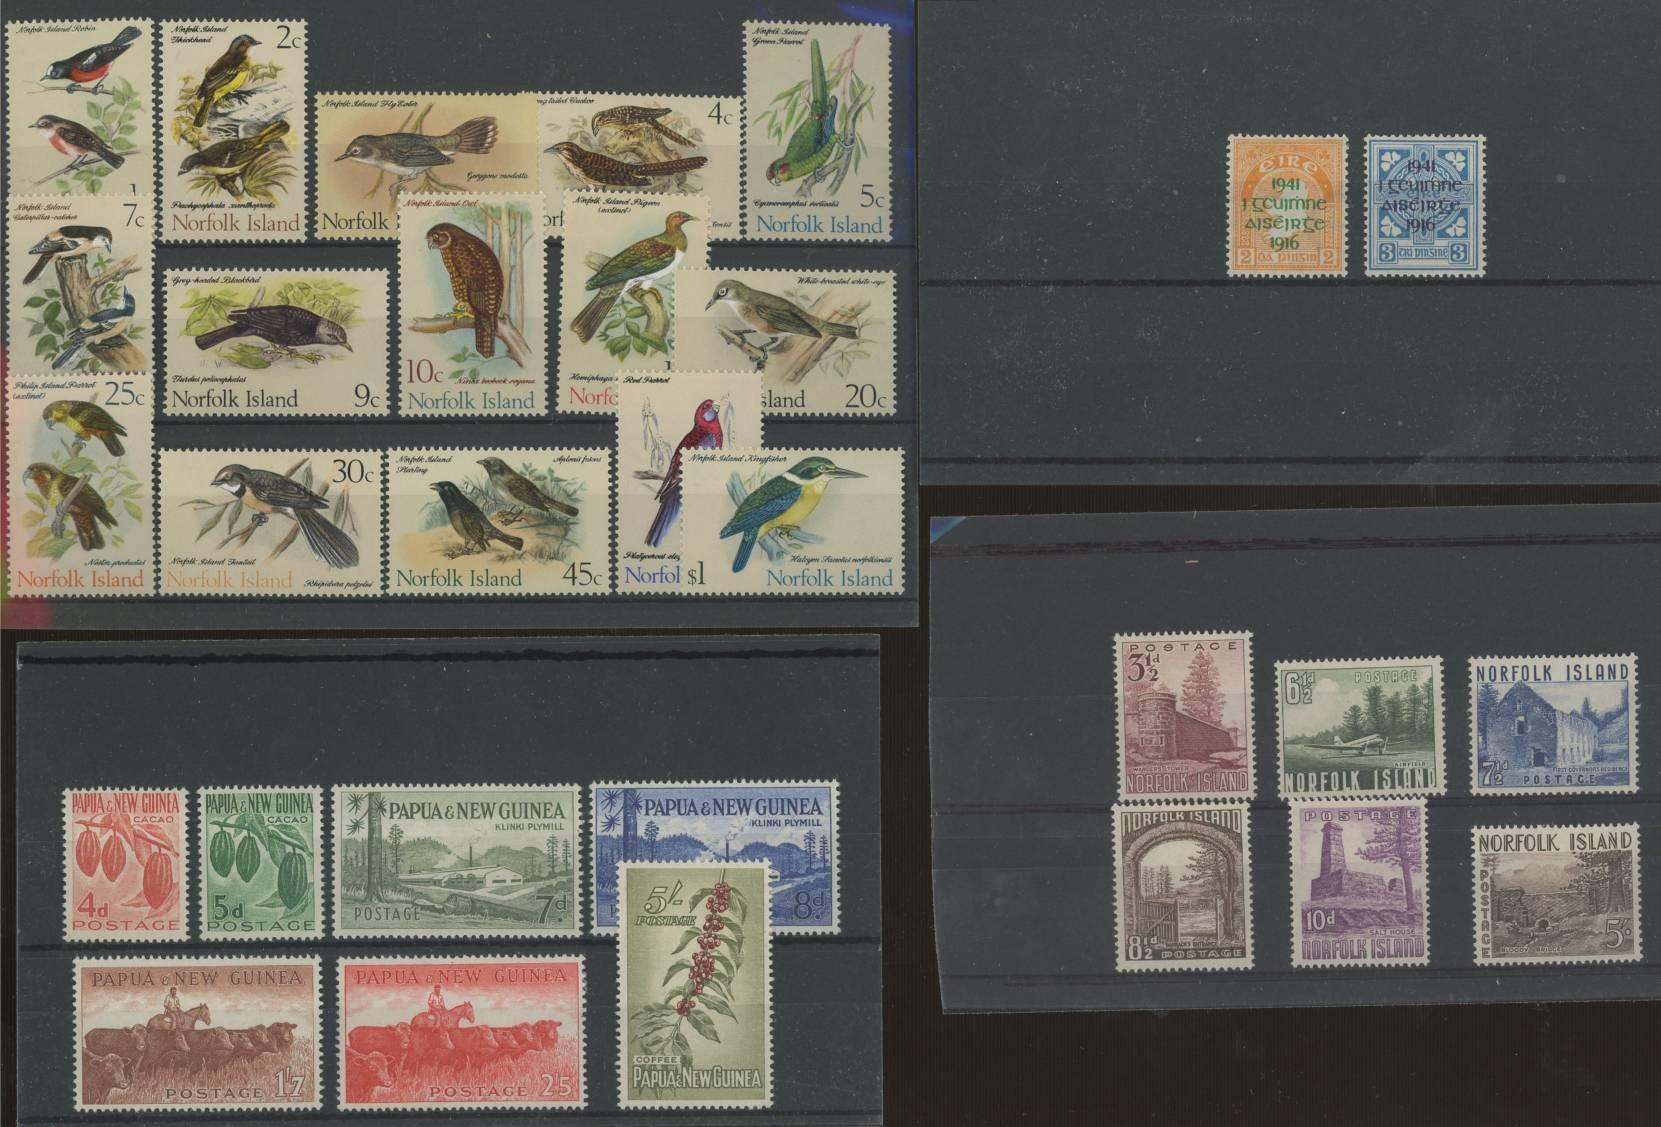 Ireland 1941 Easter Rising set U/M, Norfolk Is 1953 set M, 1970 Bird set M & PNG 1958 set M. - Image 2 of 2